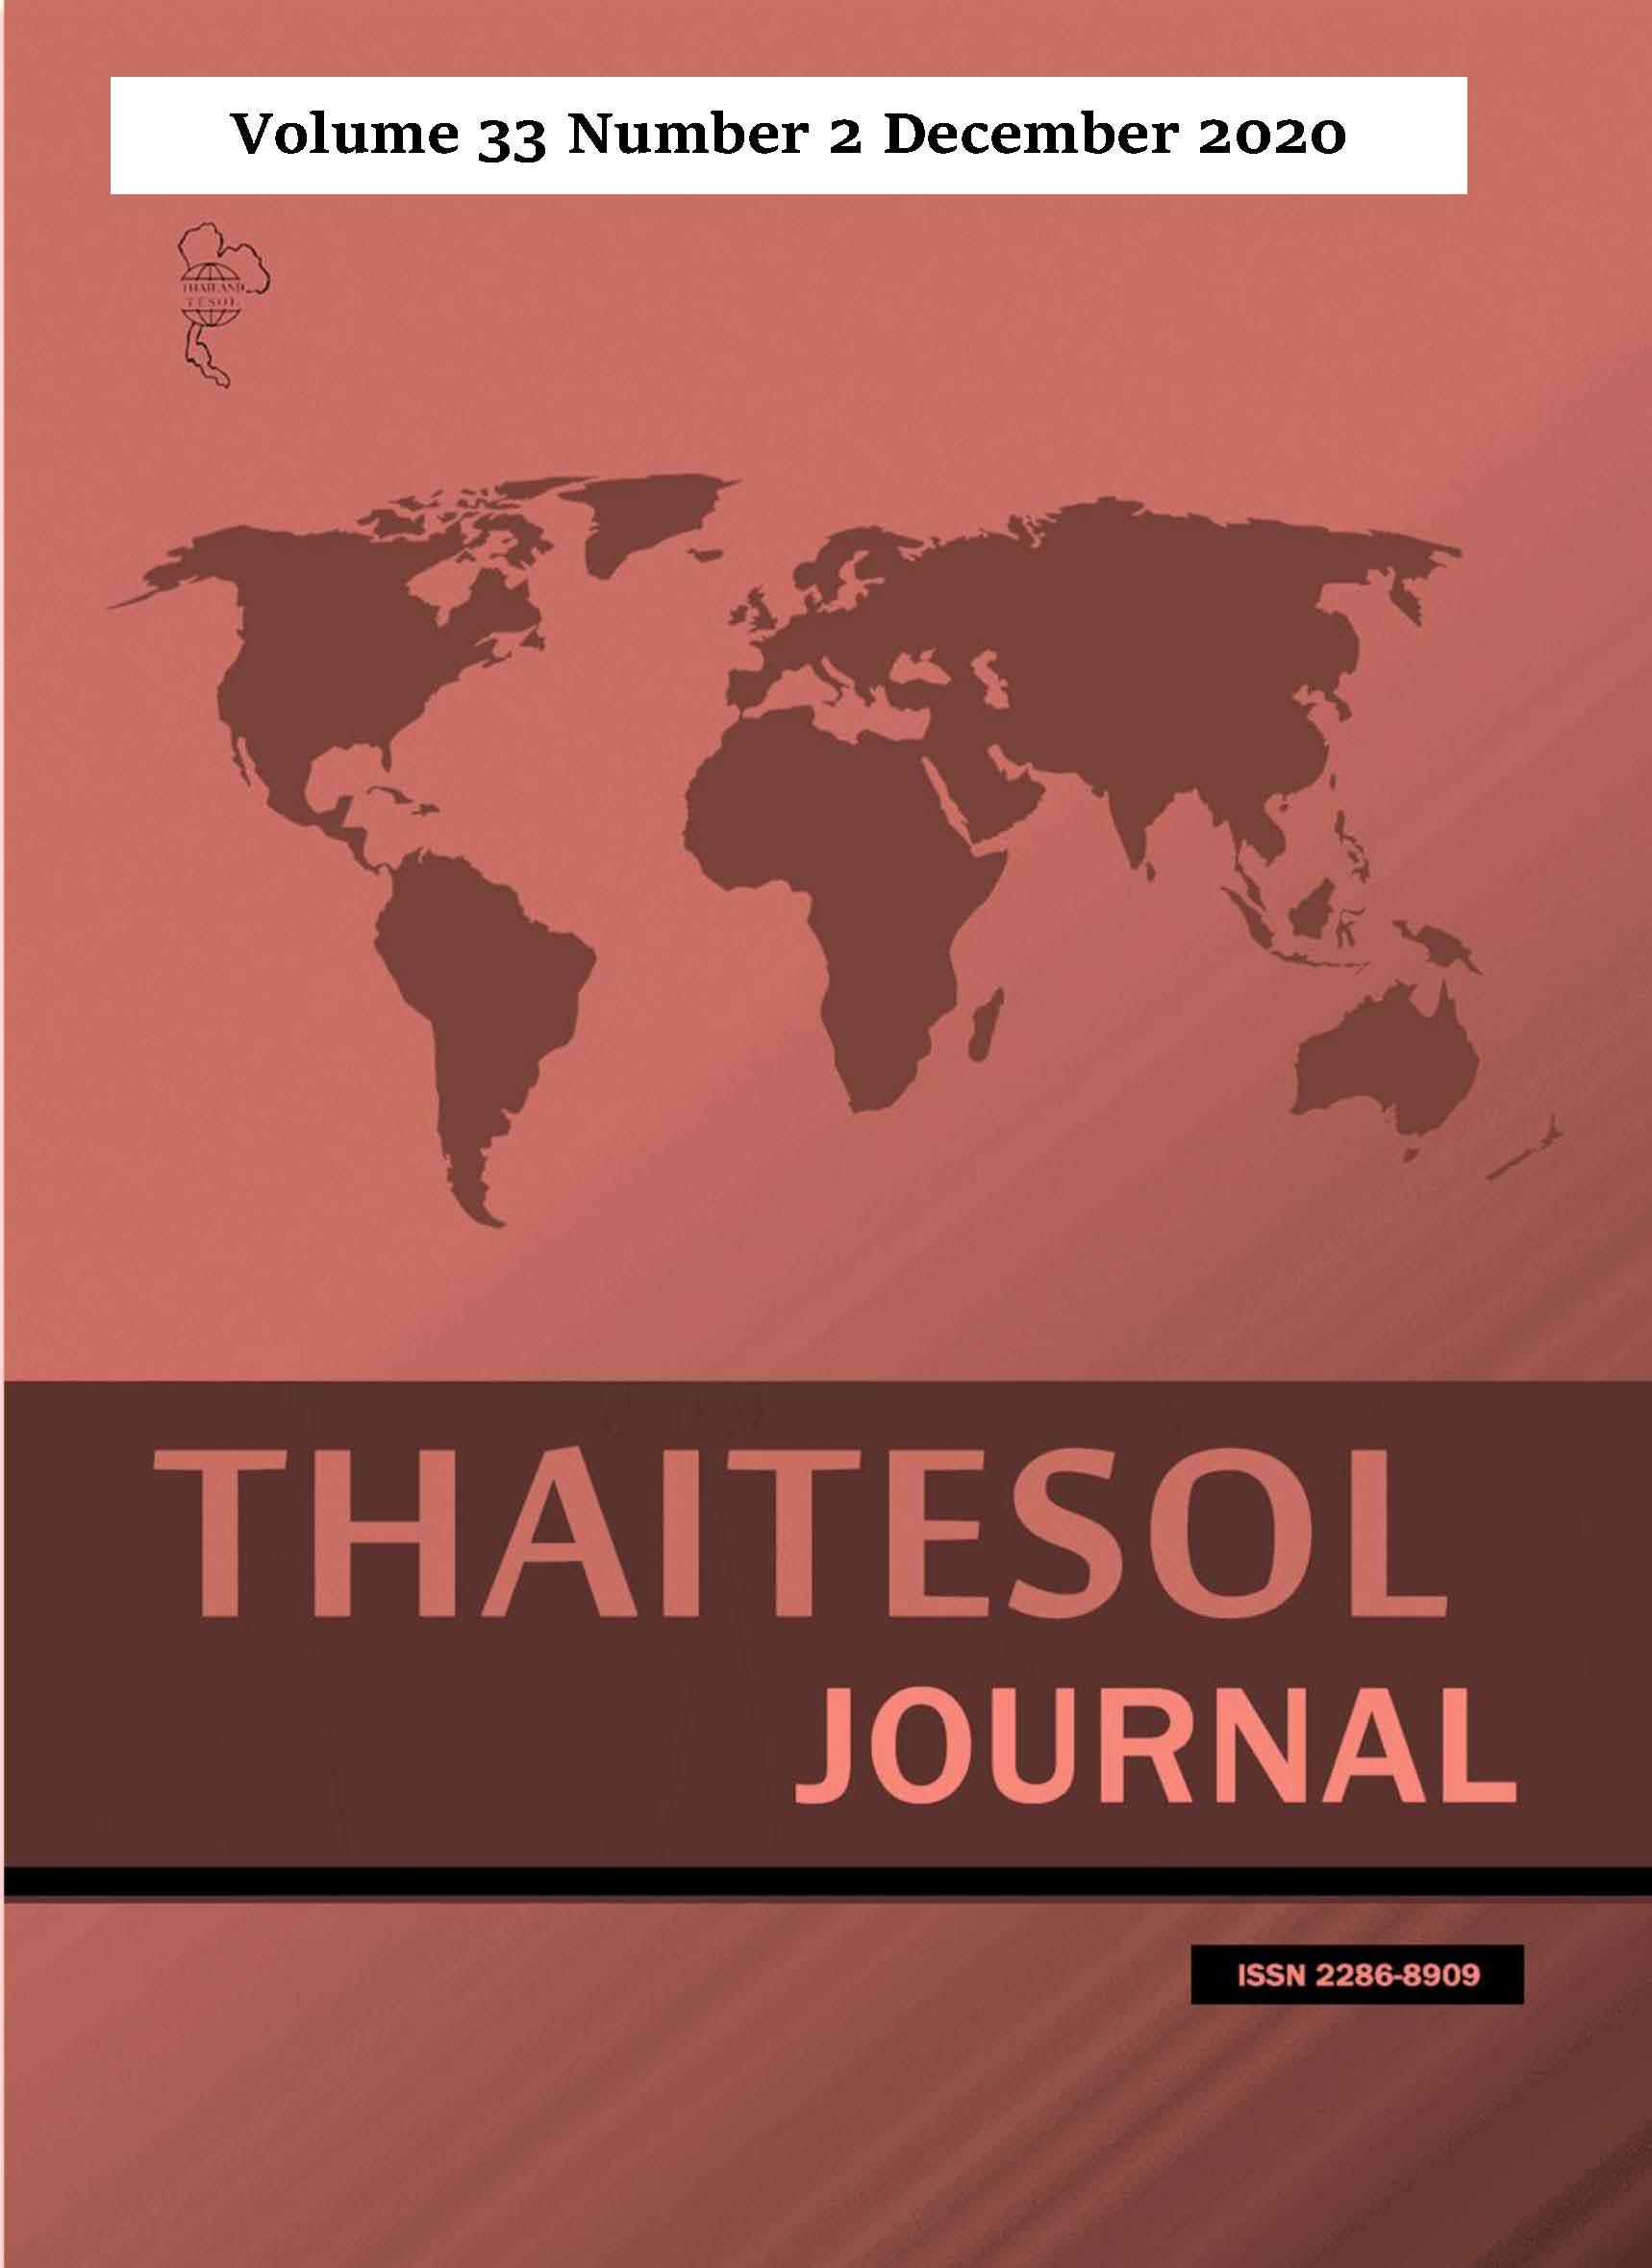 THAITESOL Journal 33-2